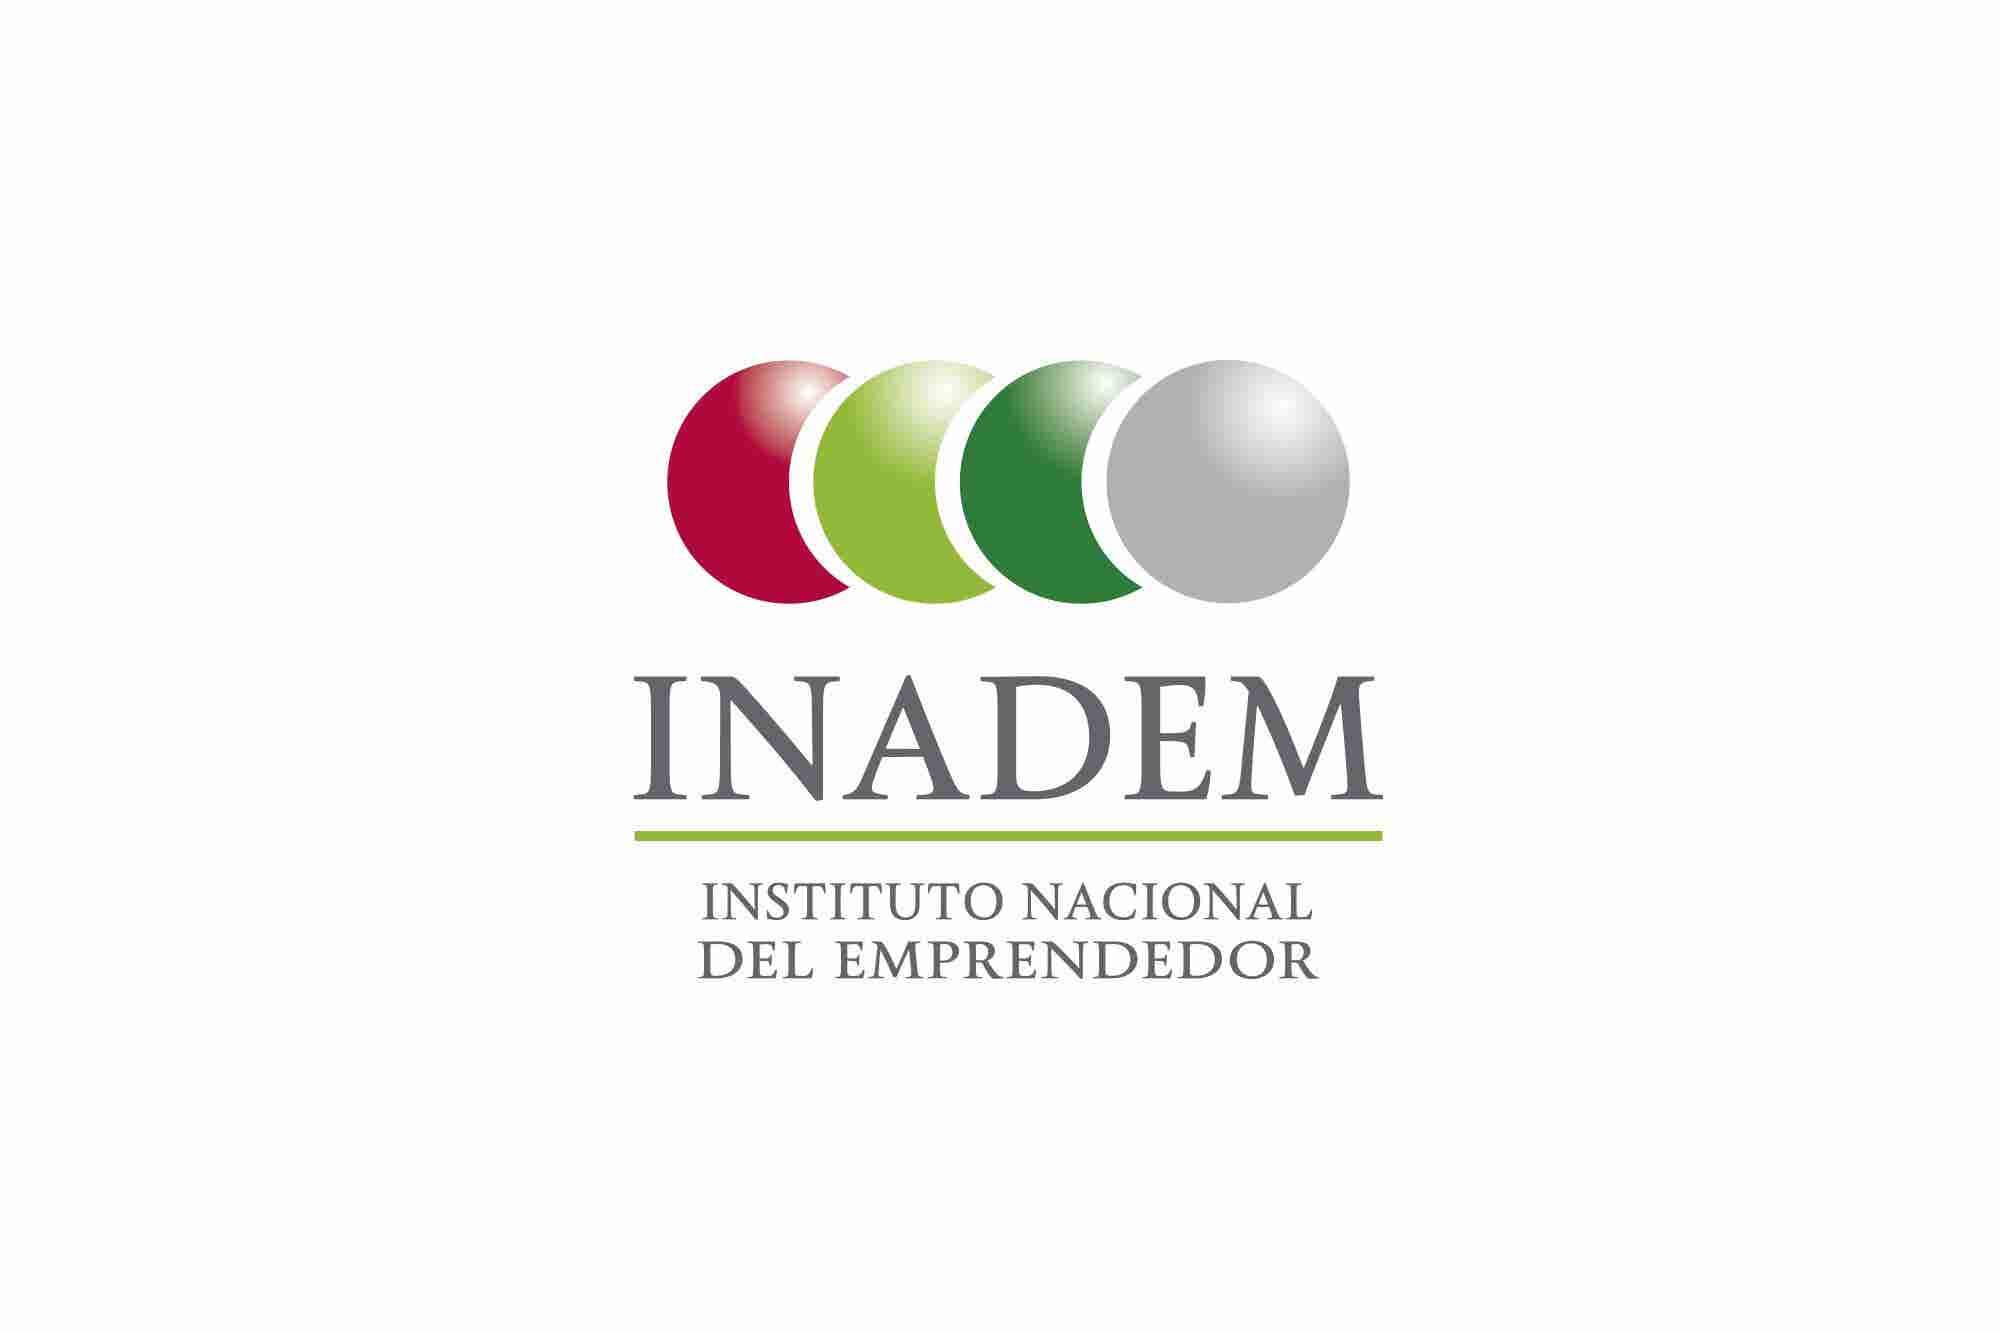 Se confirma el cierre del Inadem y algunos de los apoyos que la Secretaría de Economía dará a los emprendedores